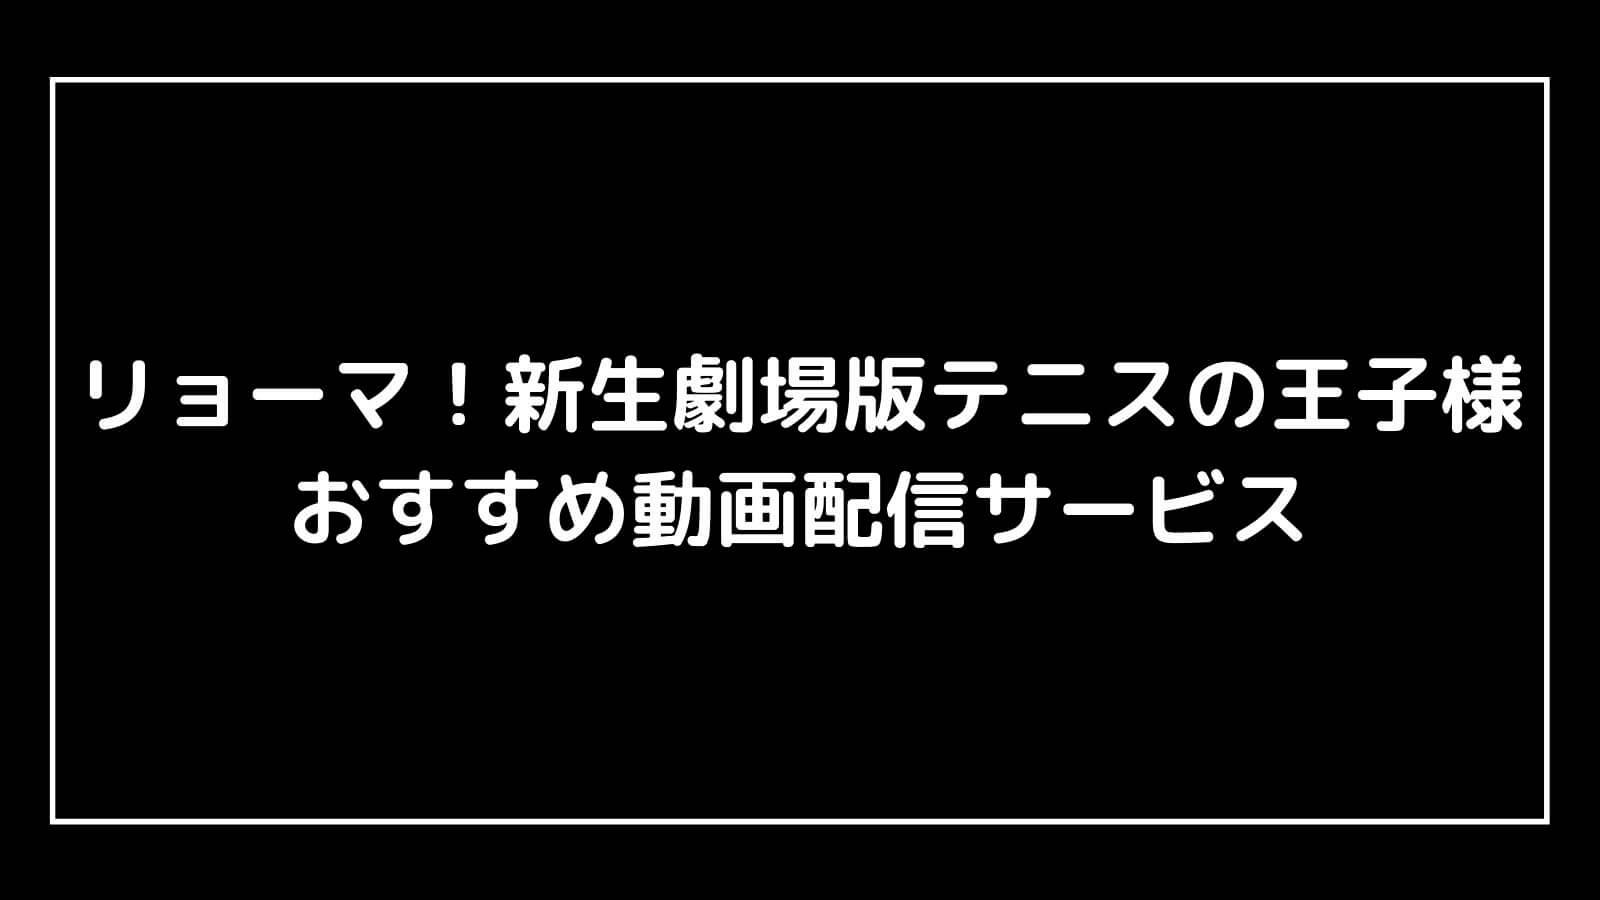 映画『リョーマ!新生劇場版テニスの王子様』を無料視聴できるおすすめ動画配信サイト